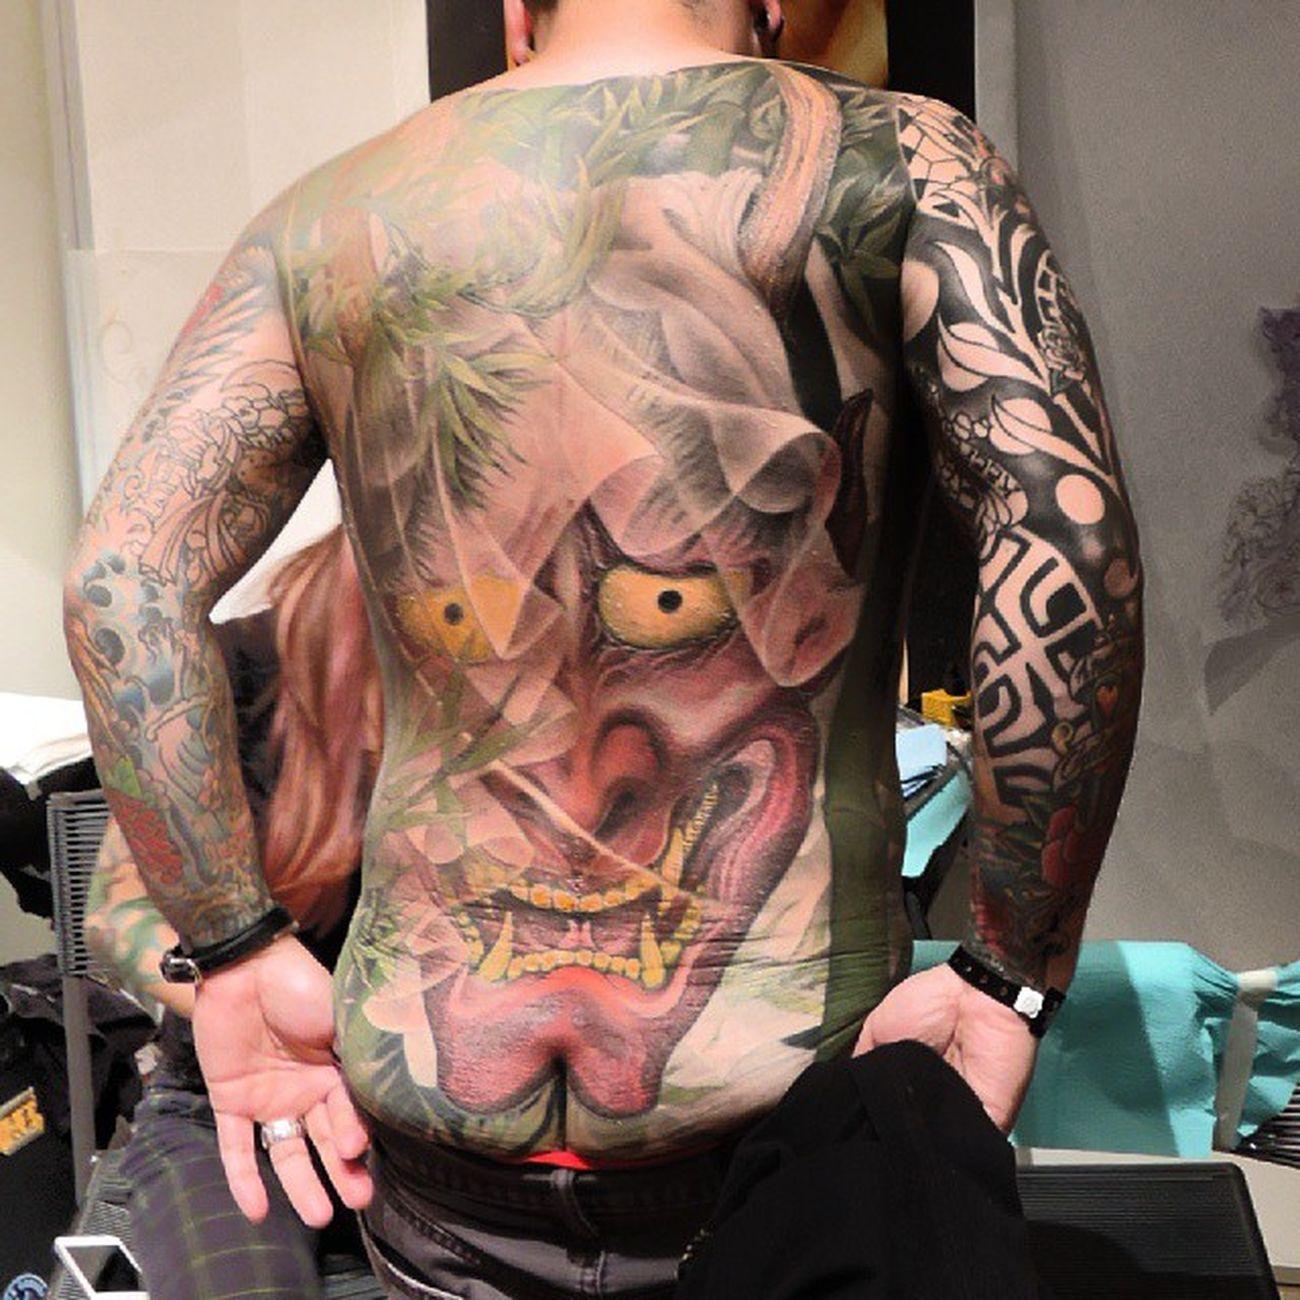 king of tattoo 2013-10-12  刺青 Tattoo Kingoftattoo2013 Kot2013